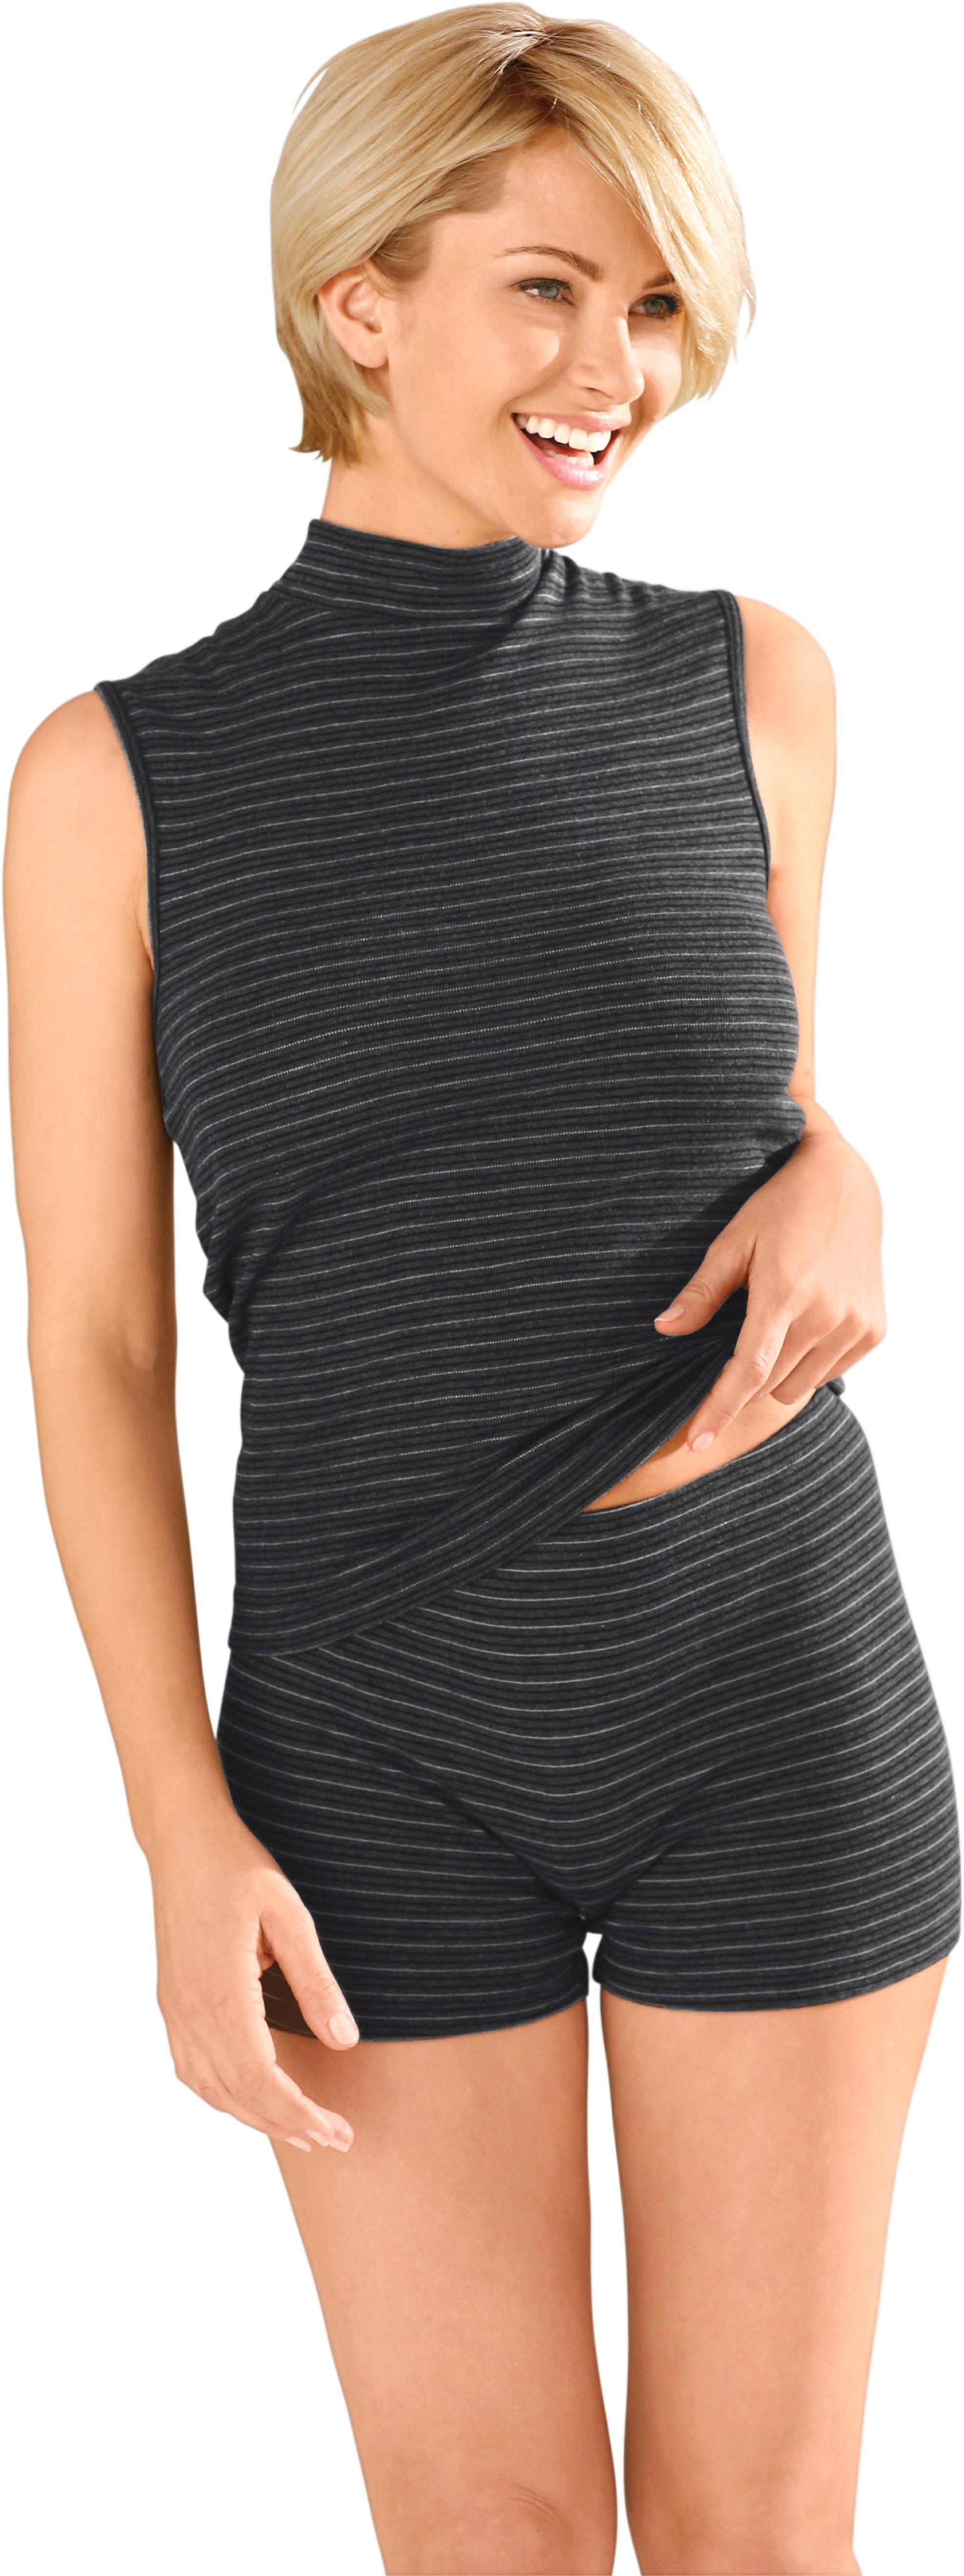 Pompadour Shop Pompadour Shop Pompadour Shirt Shirt Online Online Shirt Pompadour Shirt Online Shop lFTJcK1